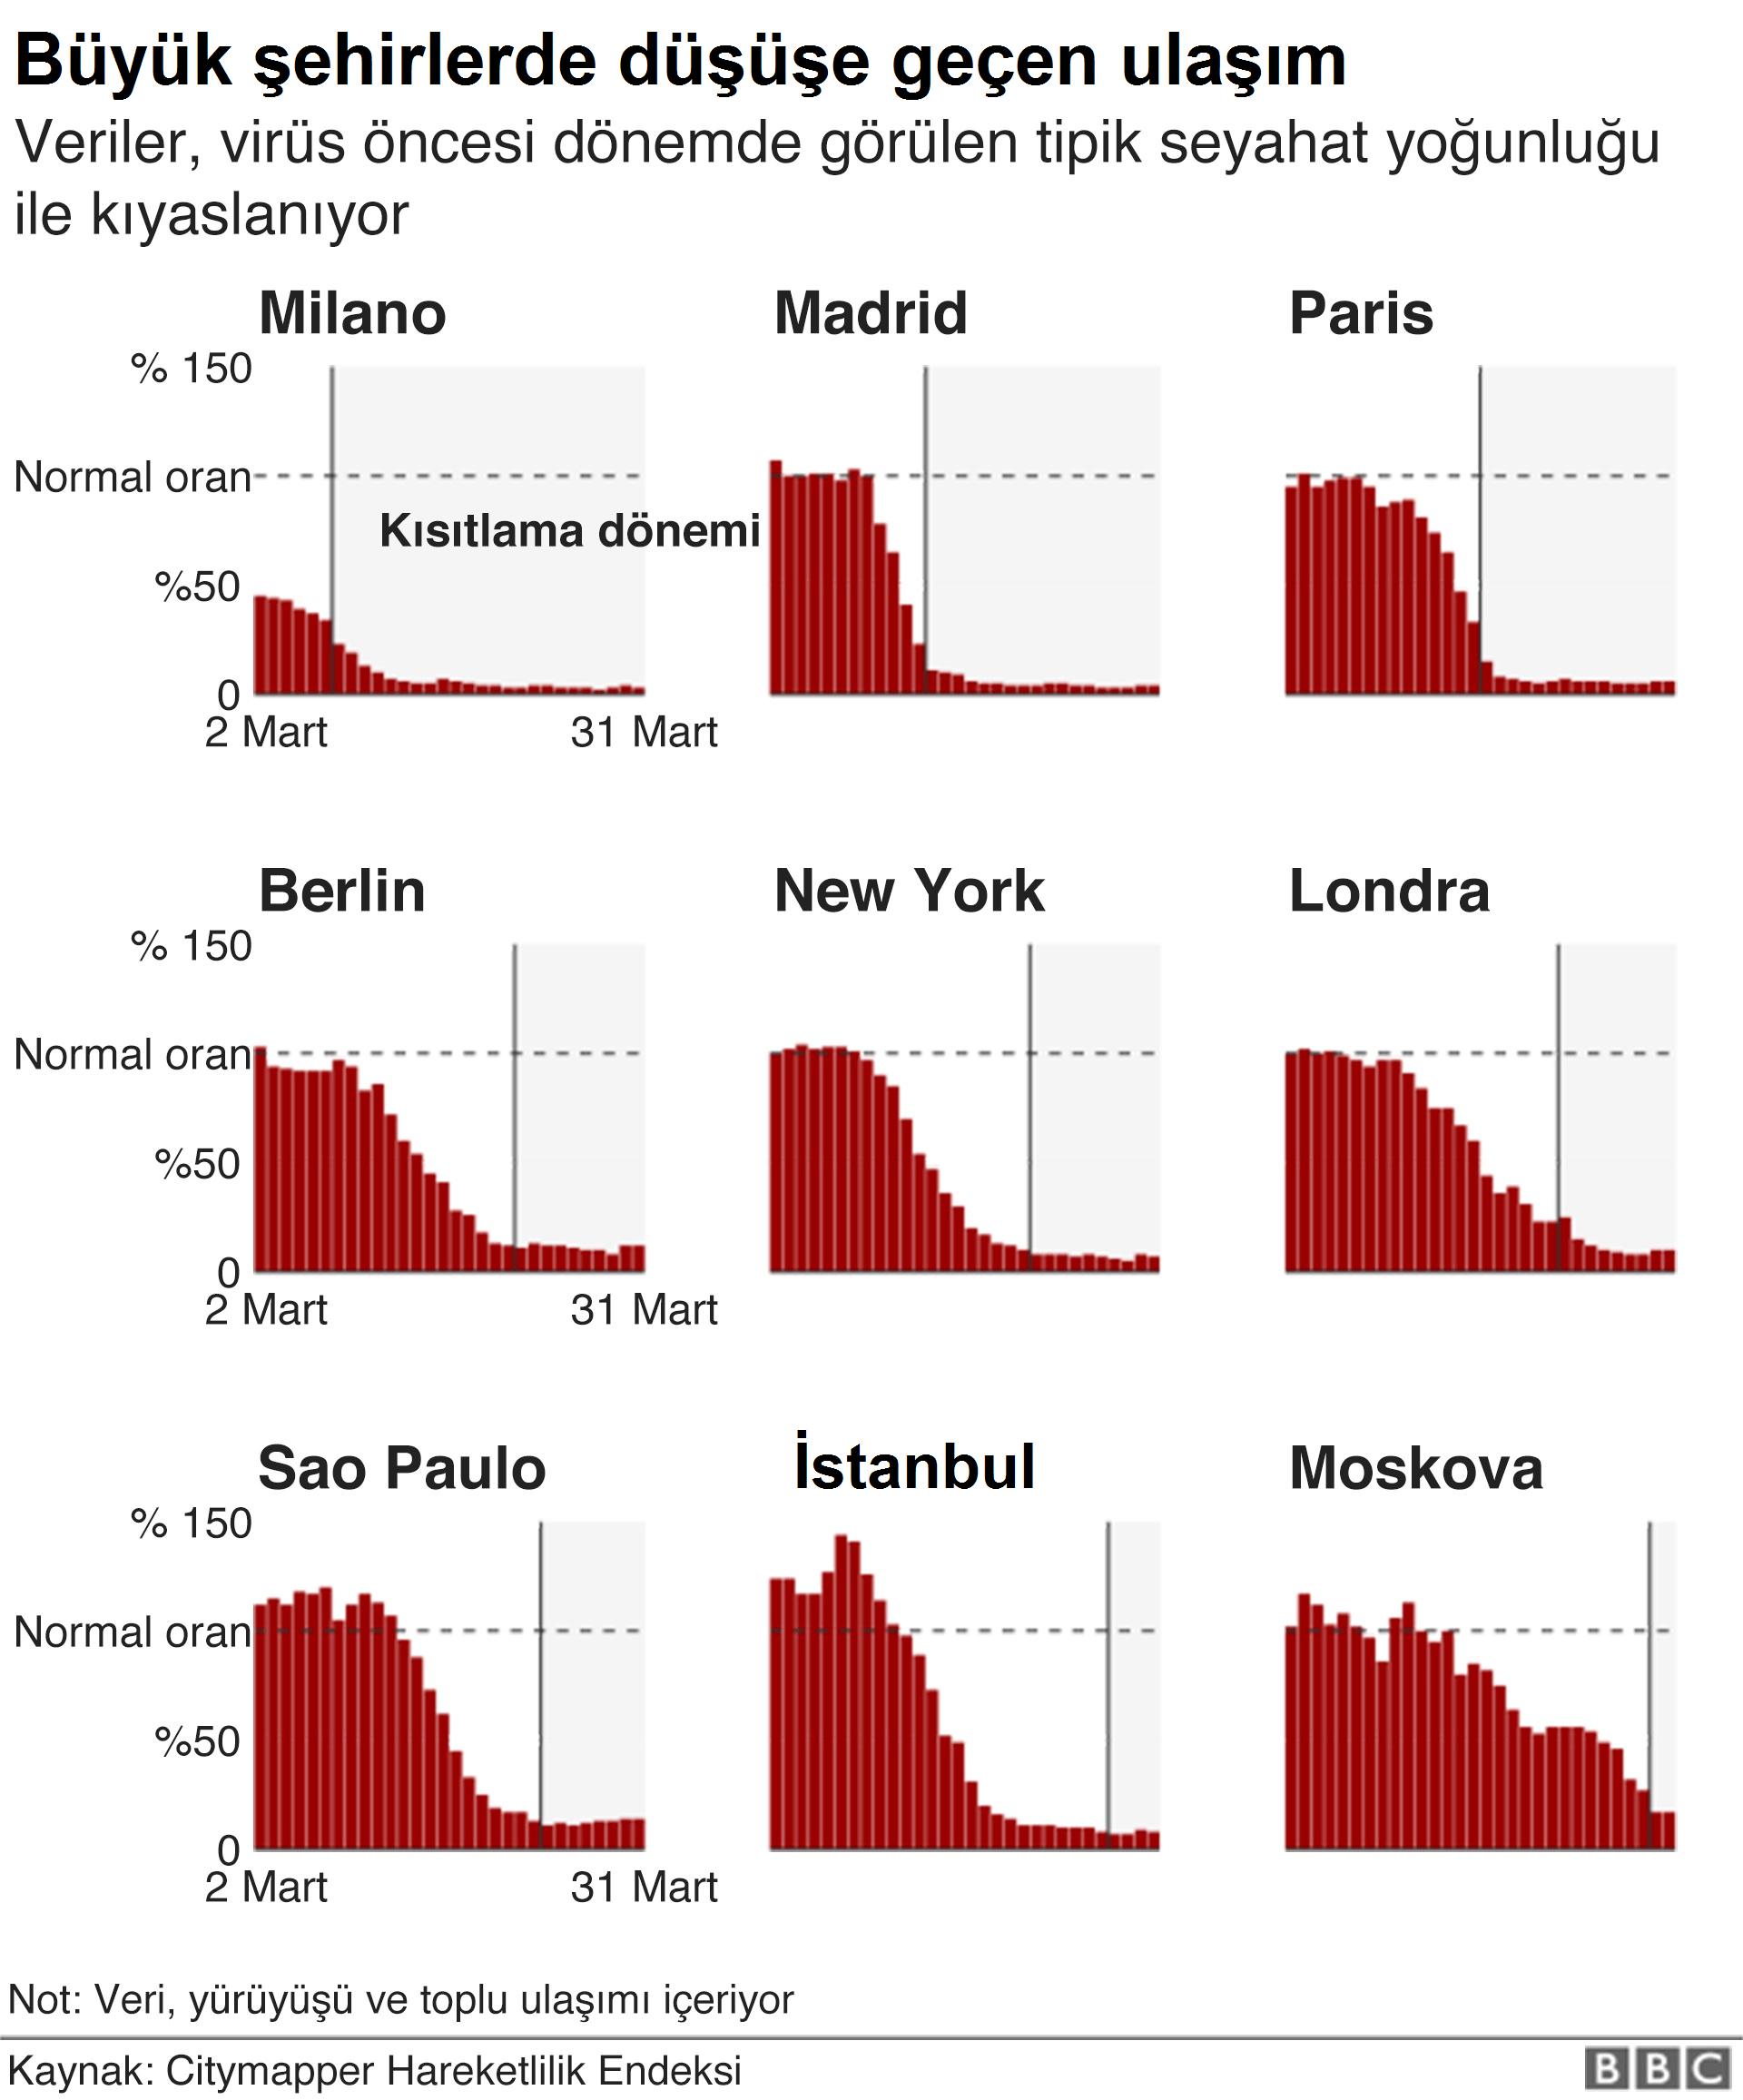 Büyük şehirlerde ulaşımda gözlenen düşüş